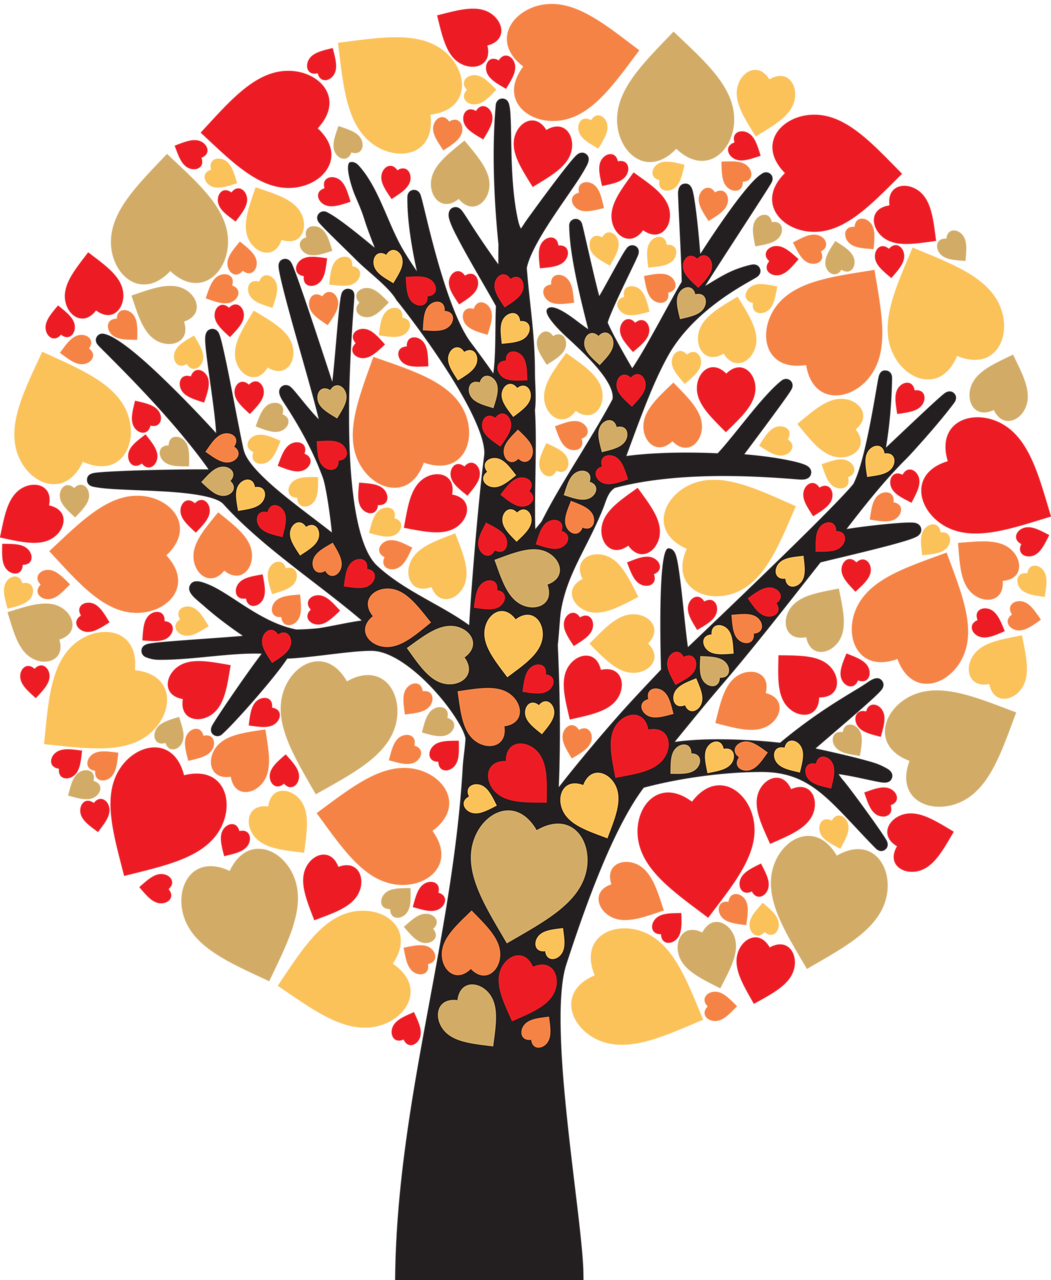 Цветные картинки на дерево